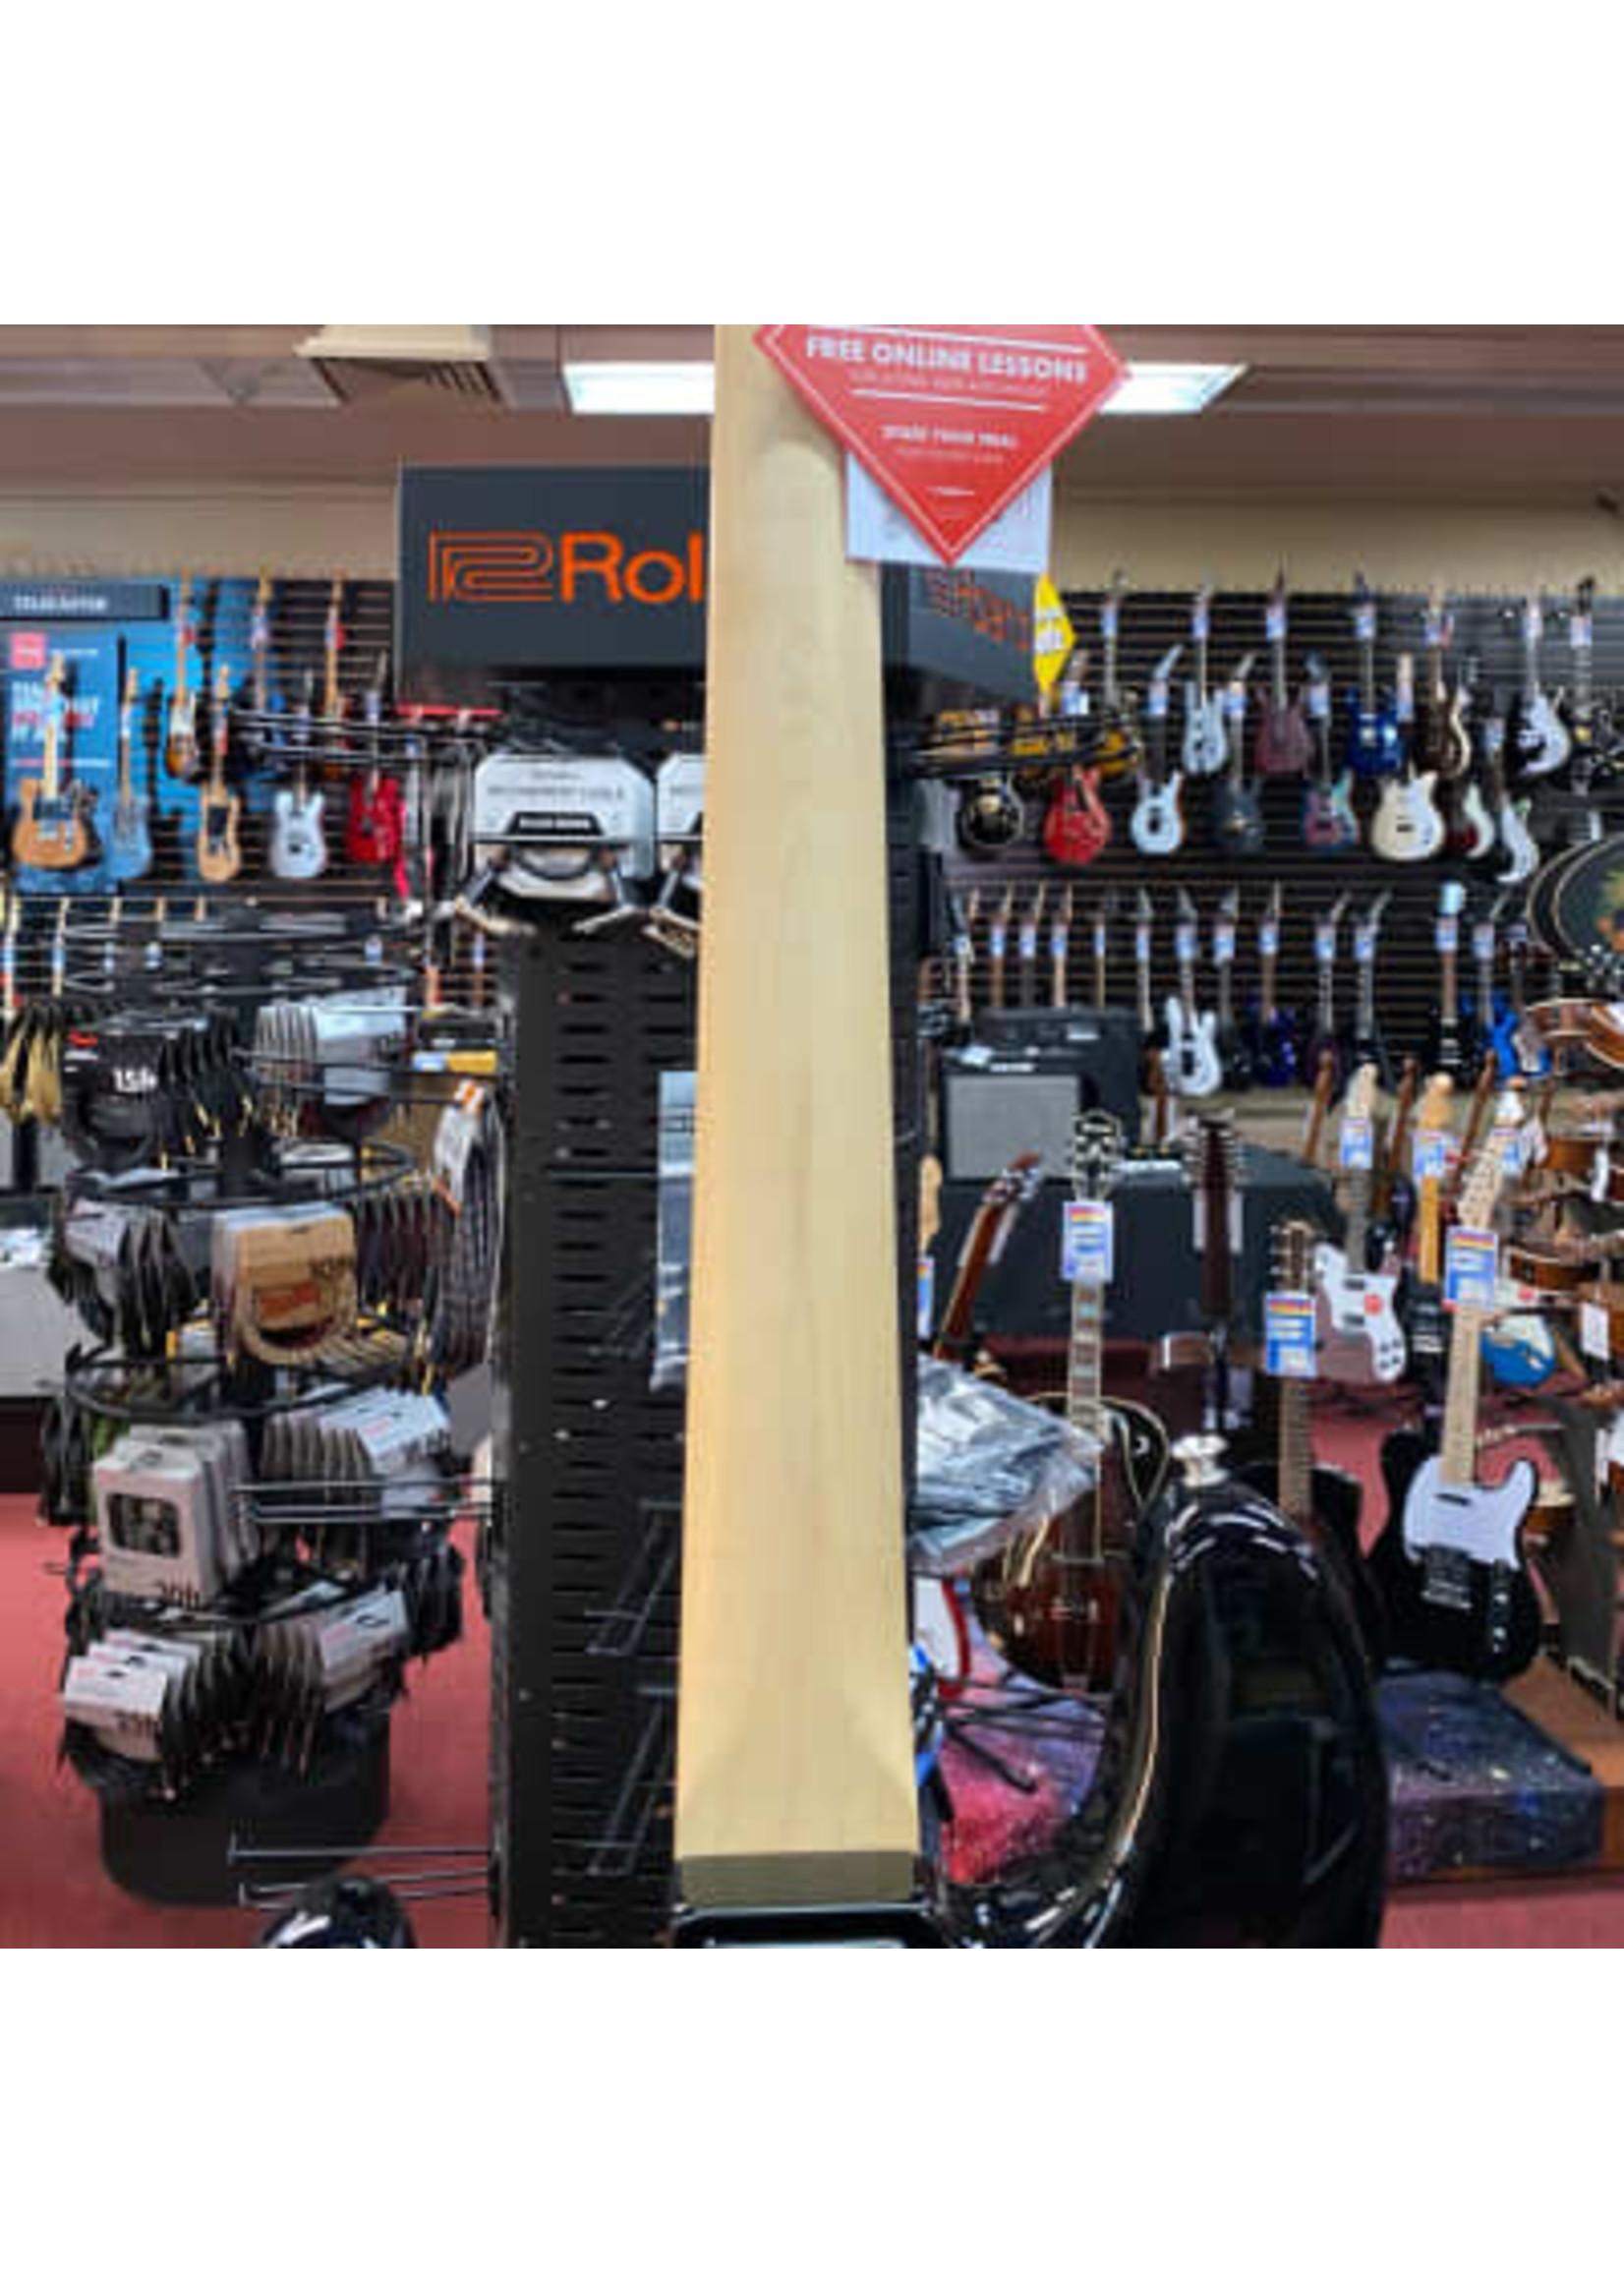 Fender Fender American Performer Precision Bass®, Rosewood Fingerboard, 3-Color Sunburst